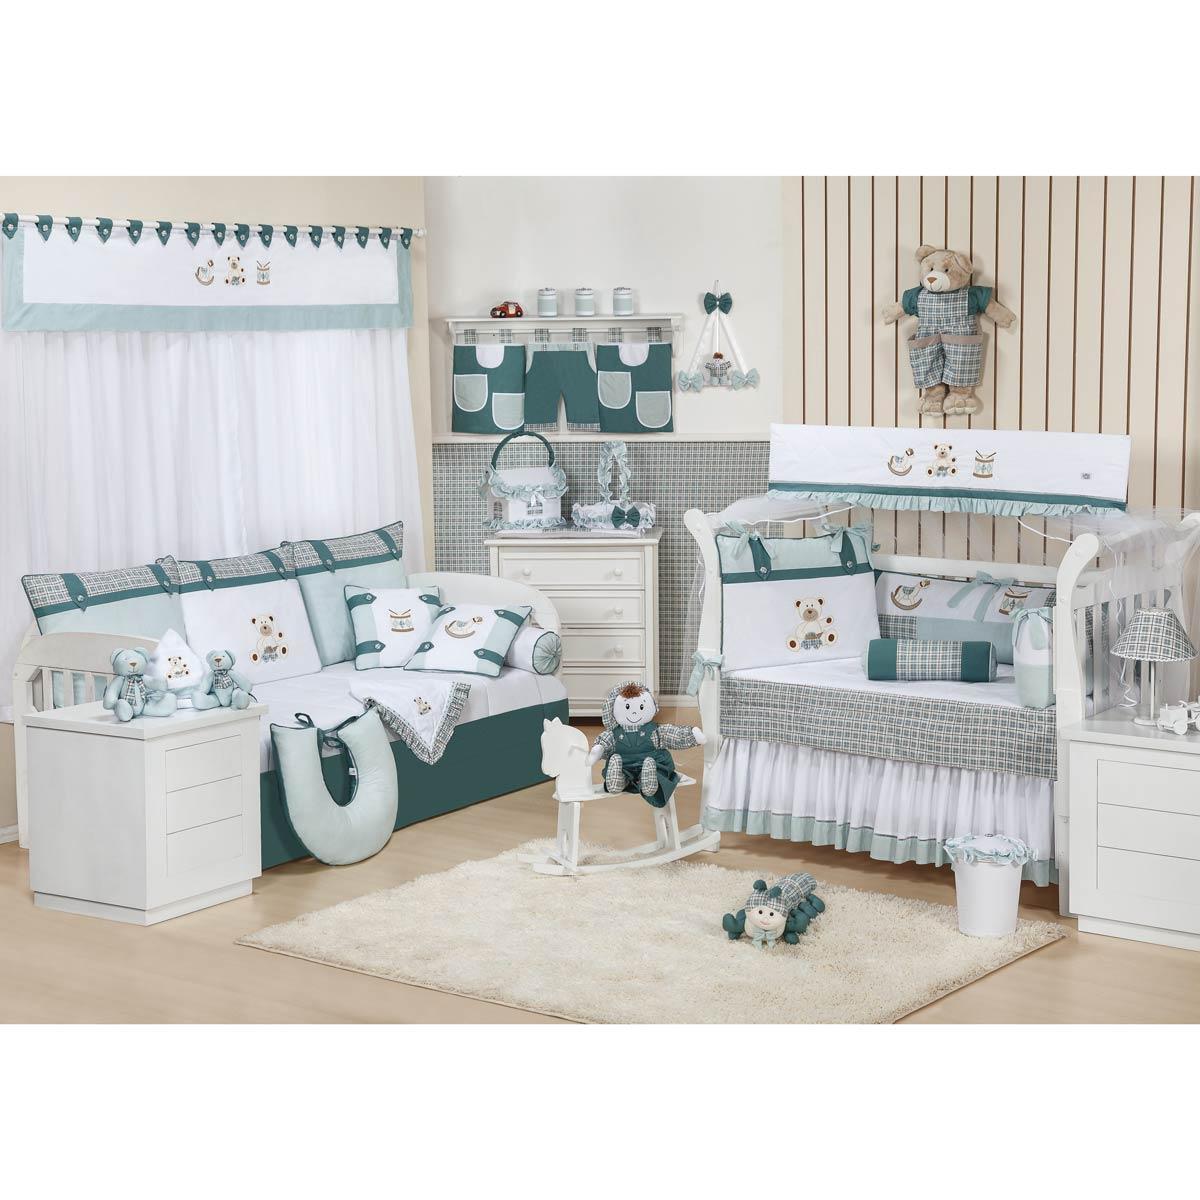 Apoio para Amamentar Bebê - Coleção Brinquedos Baby